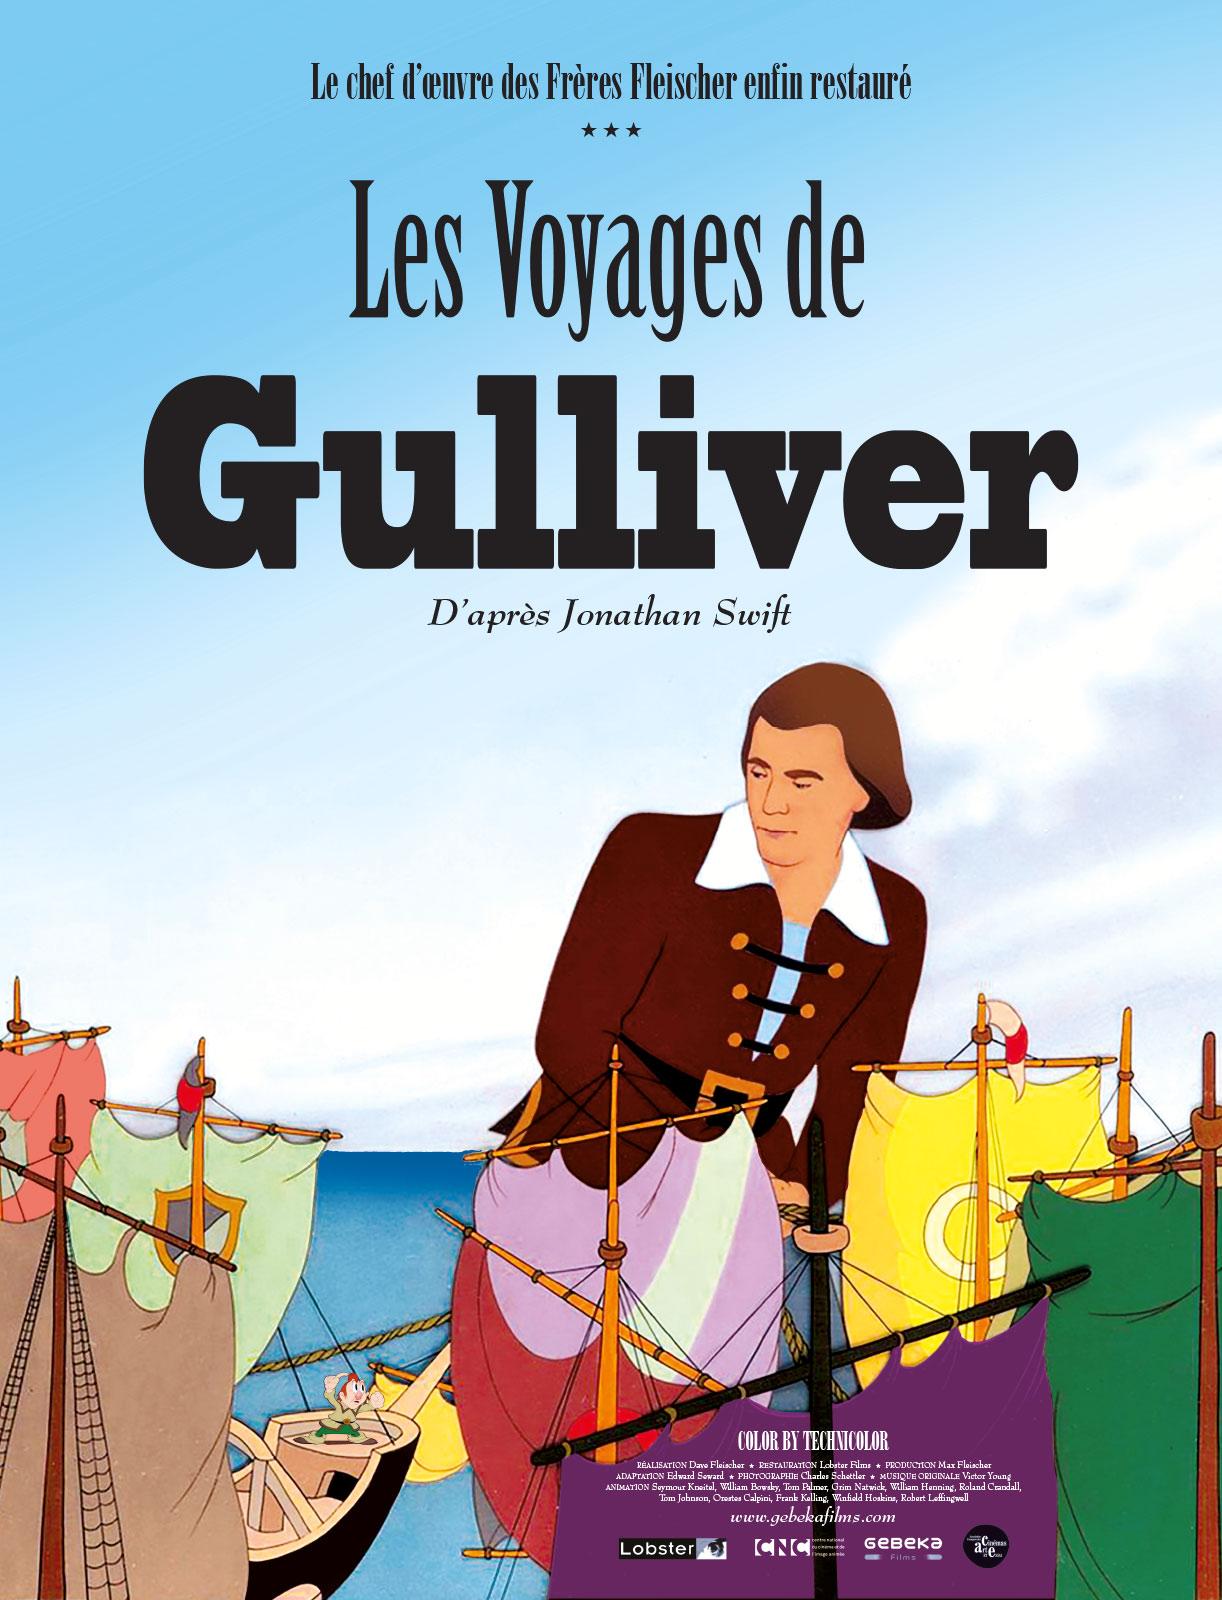 GULLIVER VOYAGES DE 1939 LES TÉLÉCHARGER